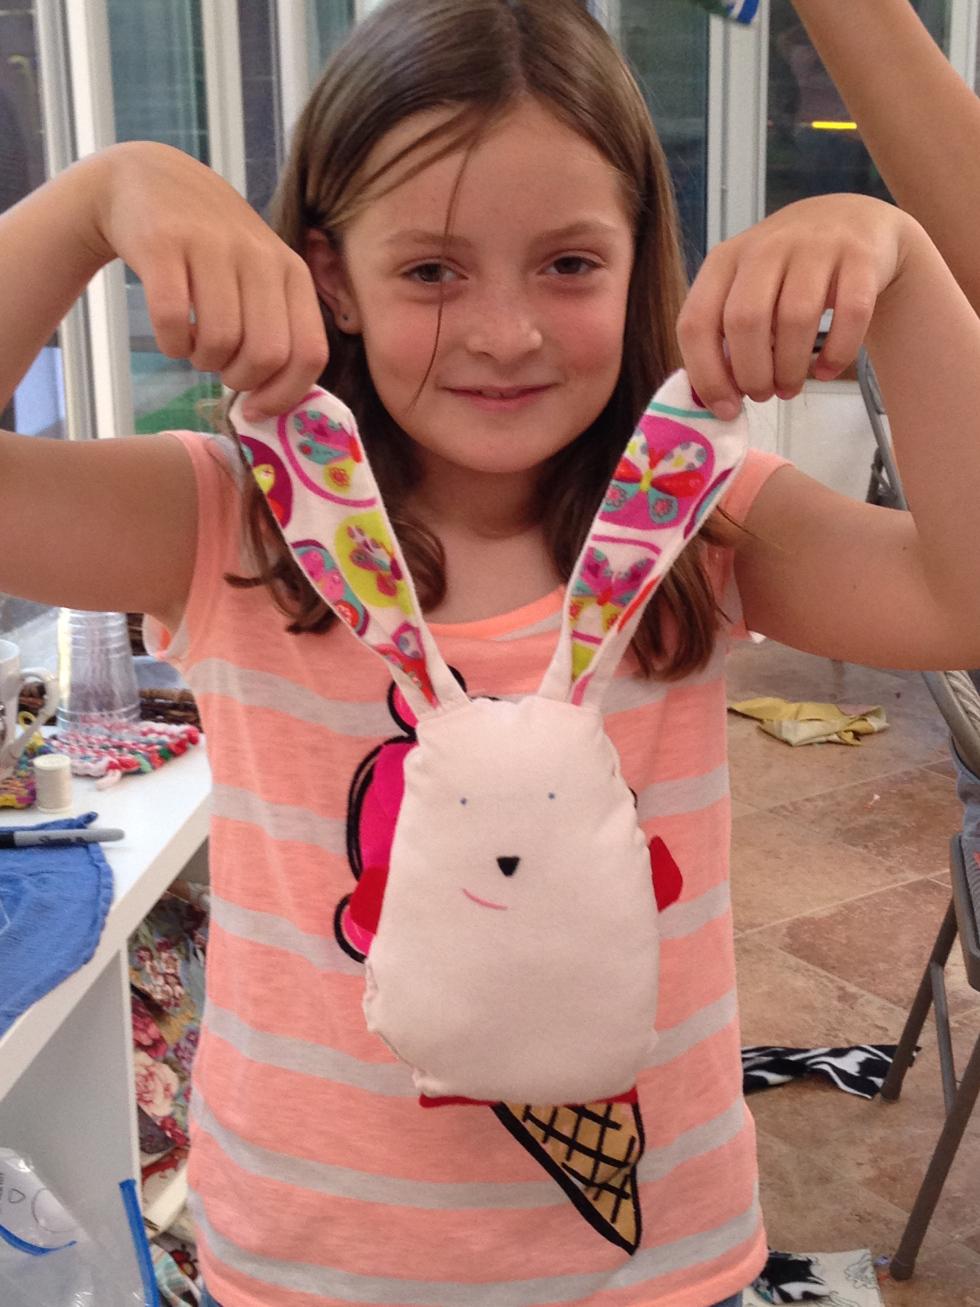 5th grader bunny